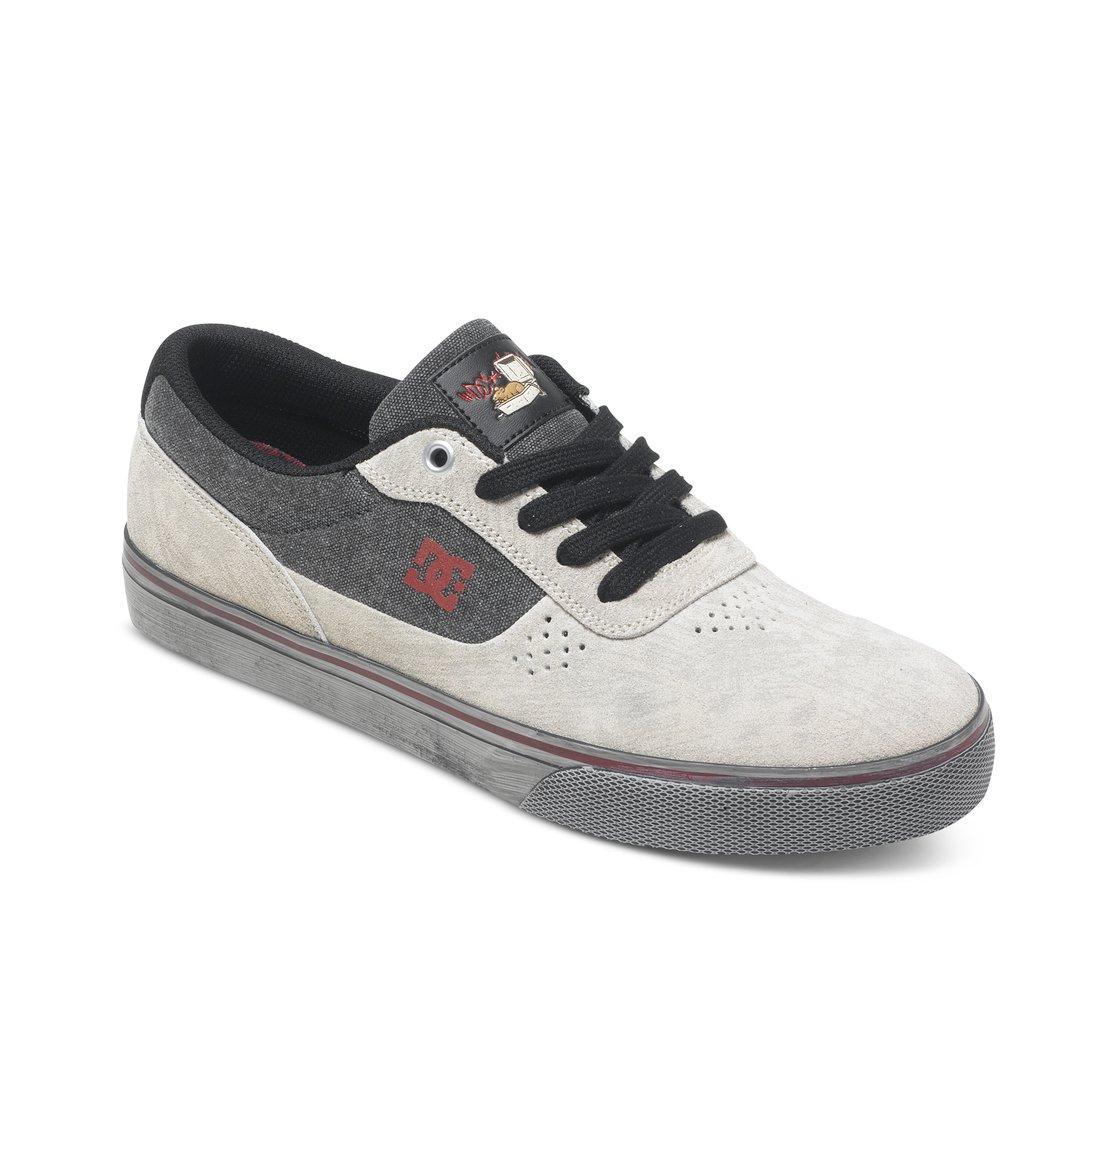 Explorar La Venta Realmente Barato dc shoes Switch S - Scarpe da skate da Uomo - Black - DC Shoes Más Reciente En Línea 7qCJioht